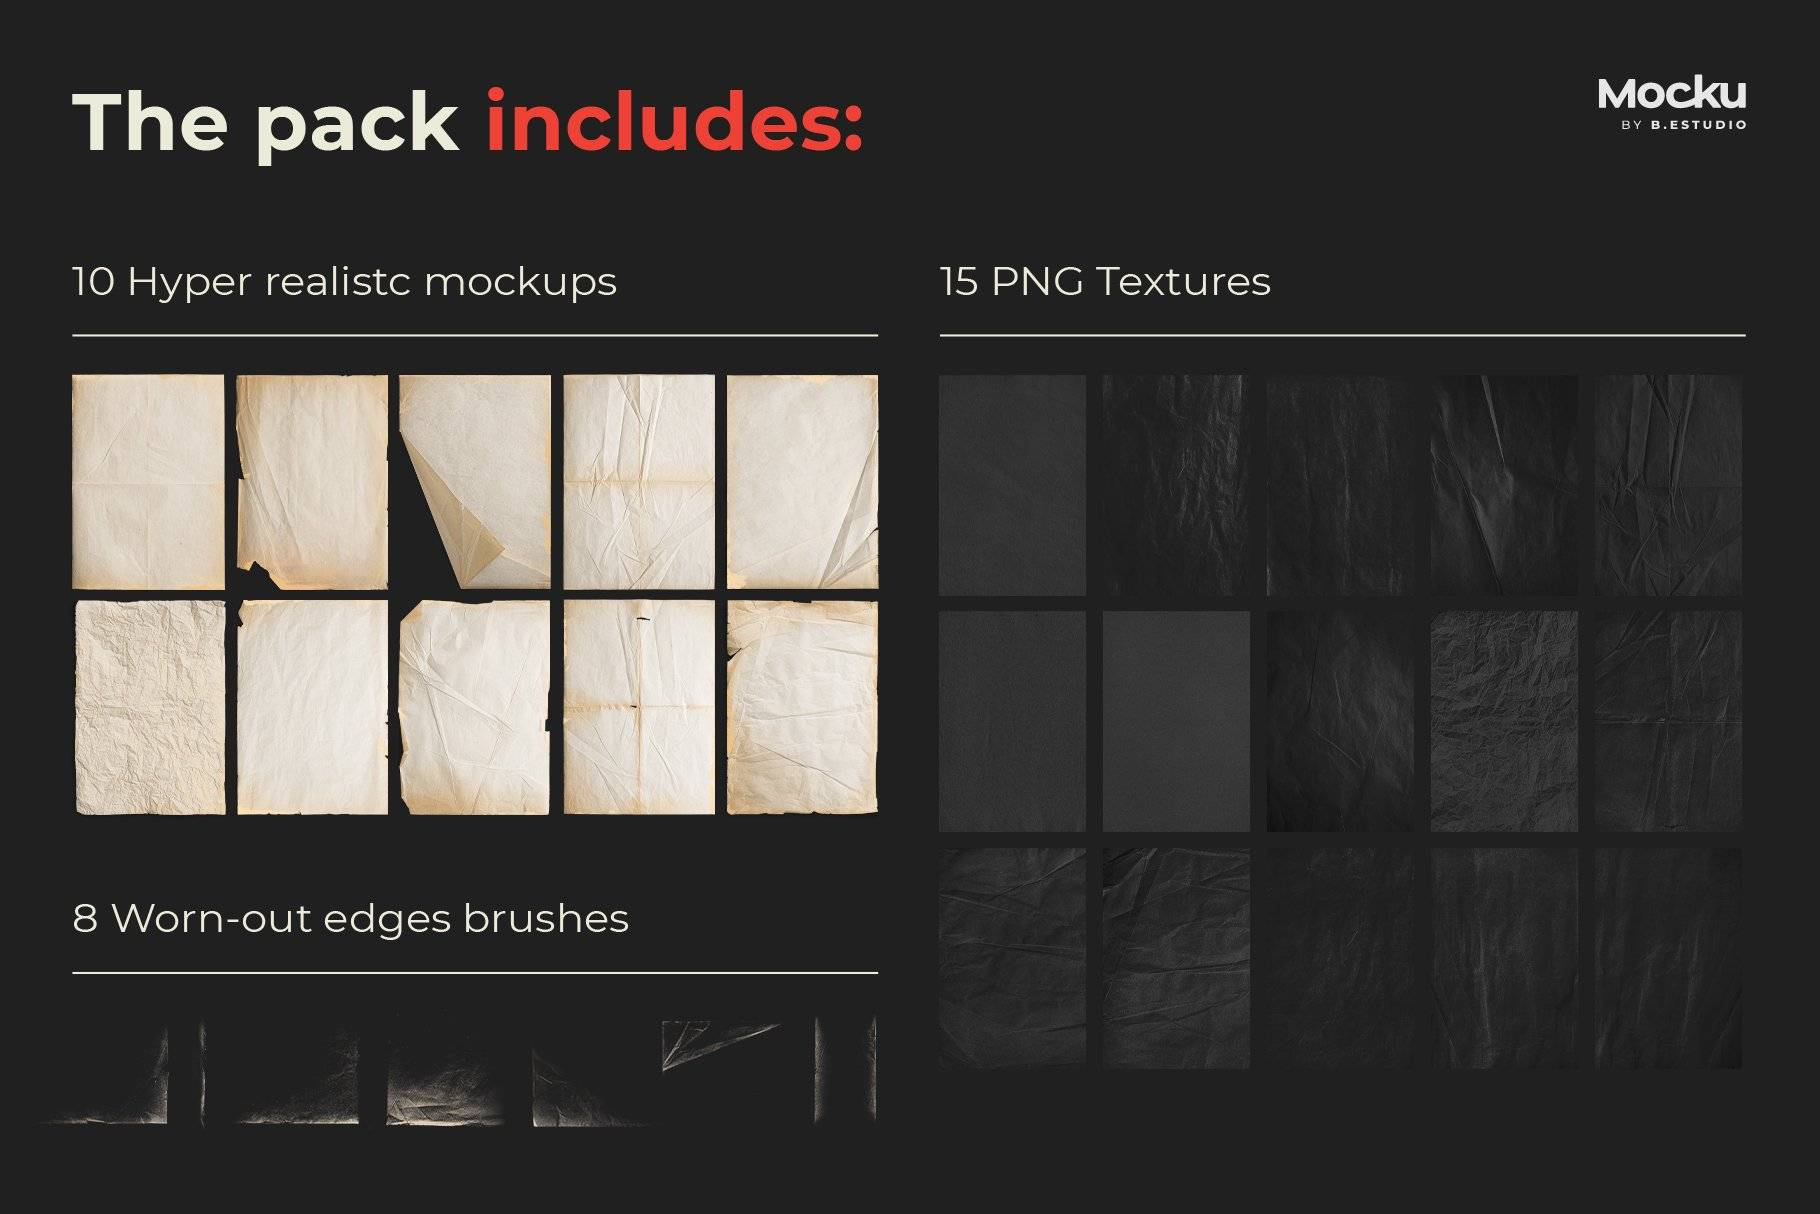 Megapack 复古破旧划痕撕纸褶皱海报PSD模板+笔刷(4318)插图(1)